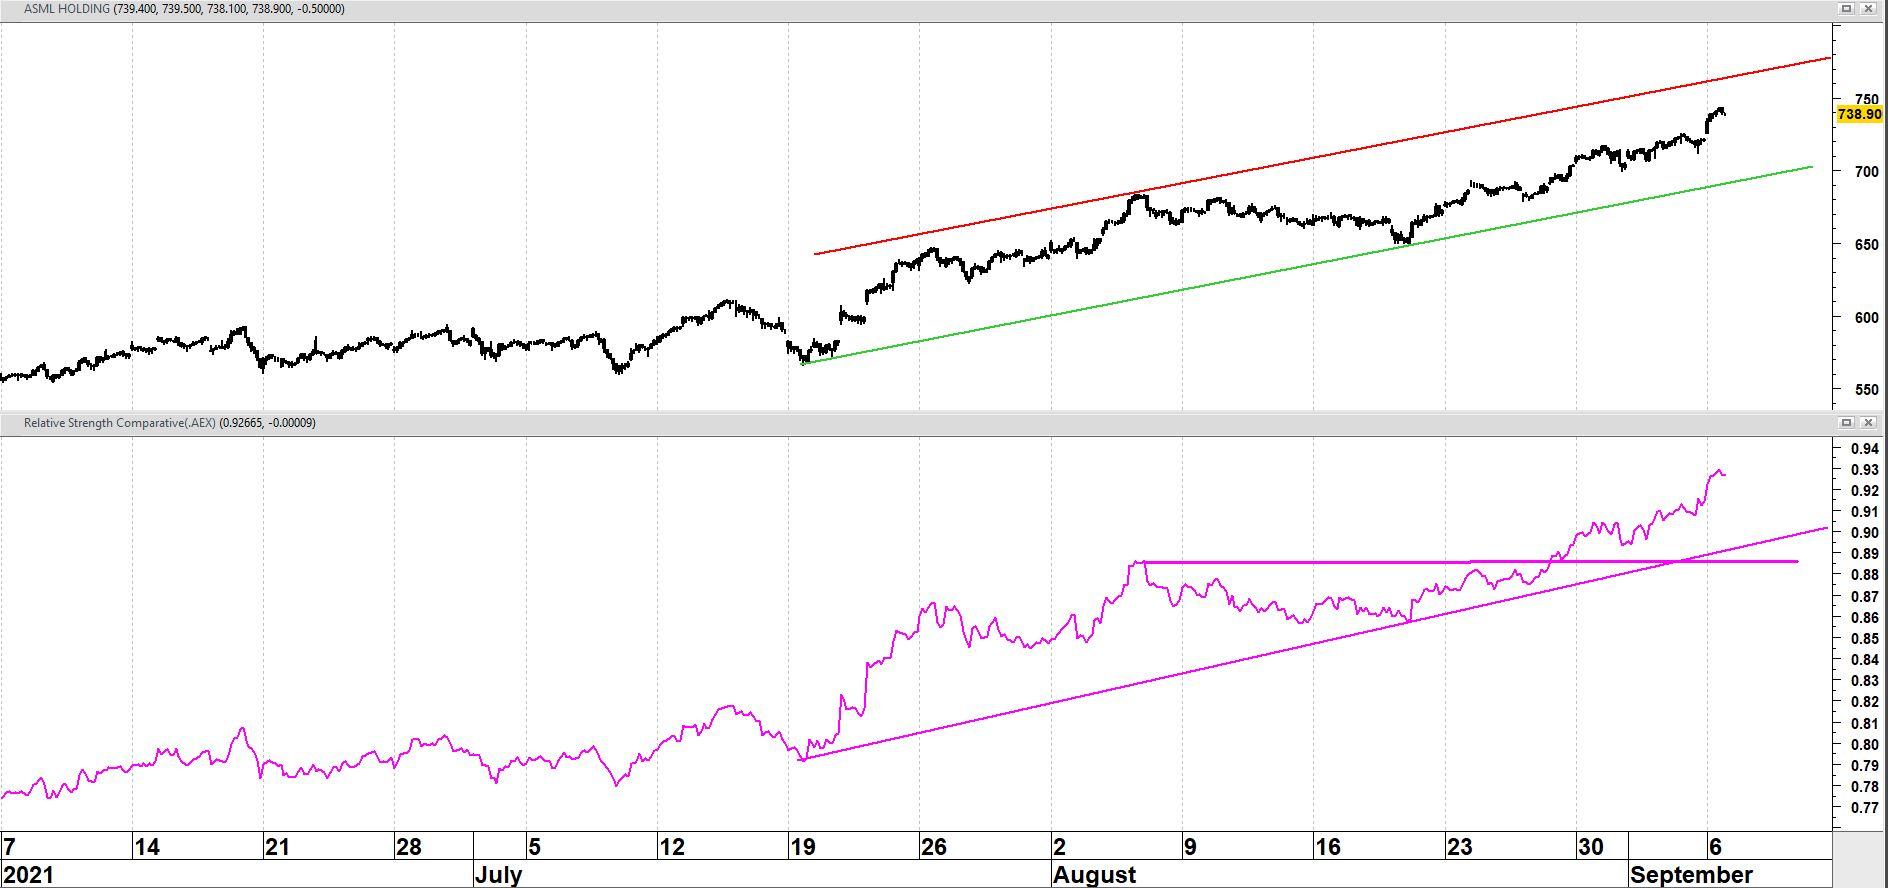 ASML Holding op uurbasis in de afgelopen drie maanden + relatieve sterkte versus AEX-index